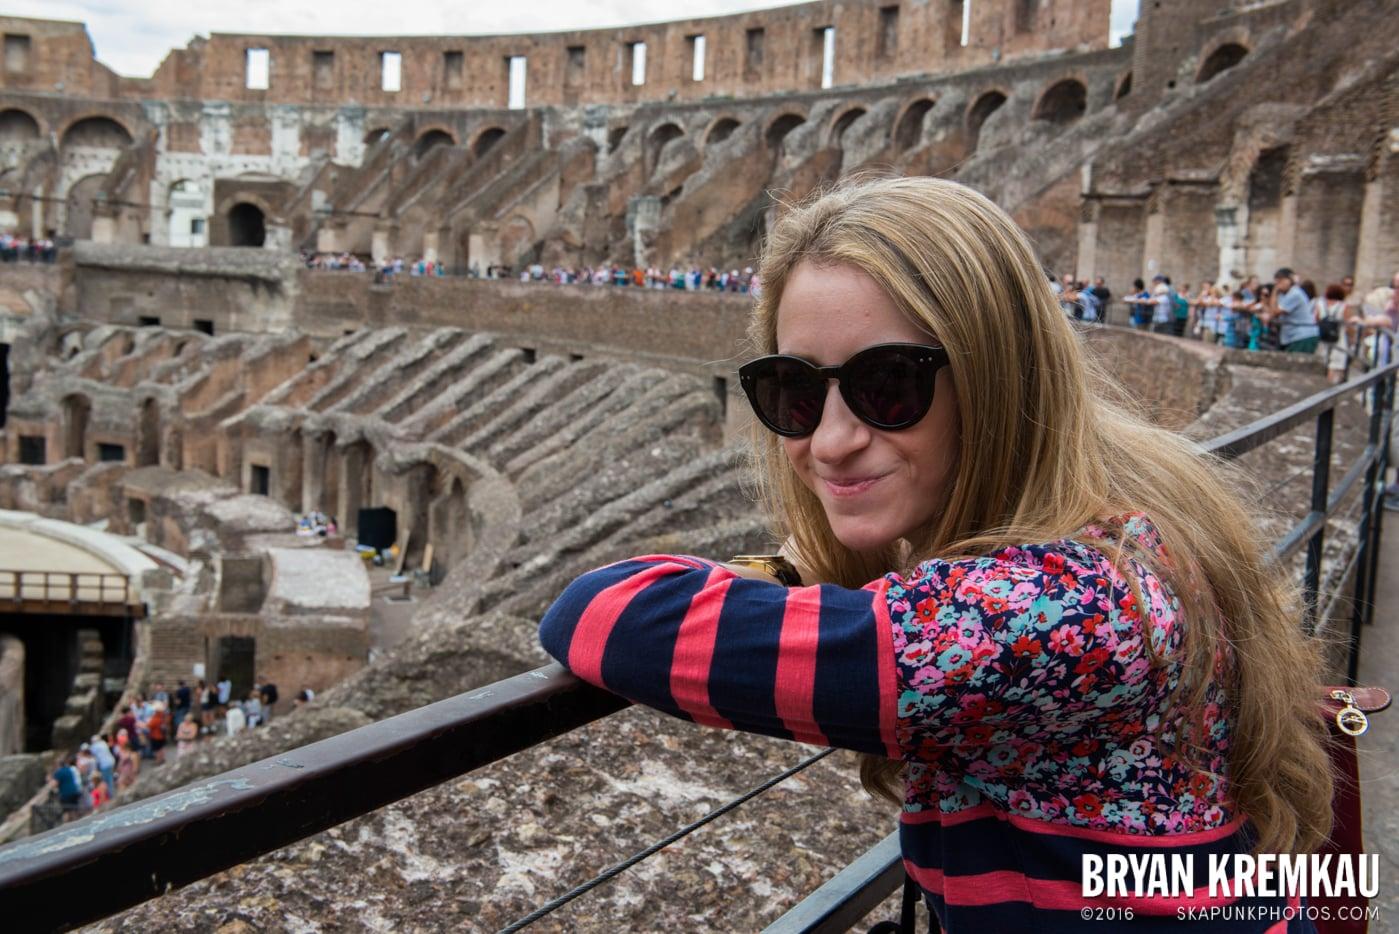 Italy Vacation - Day 2: Rome - 9.10.13 (42)